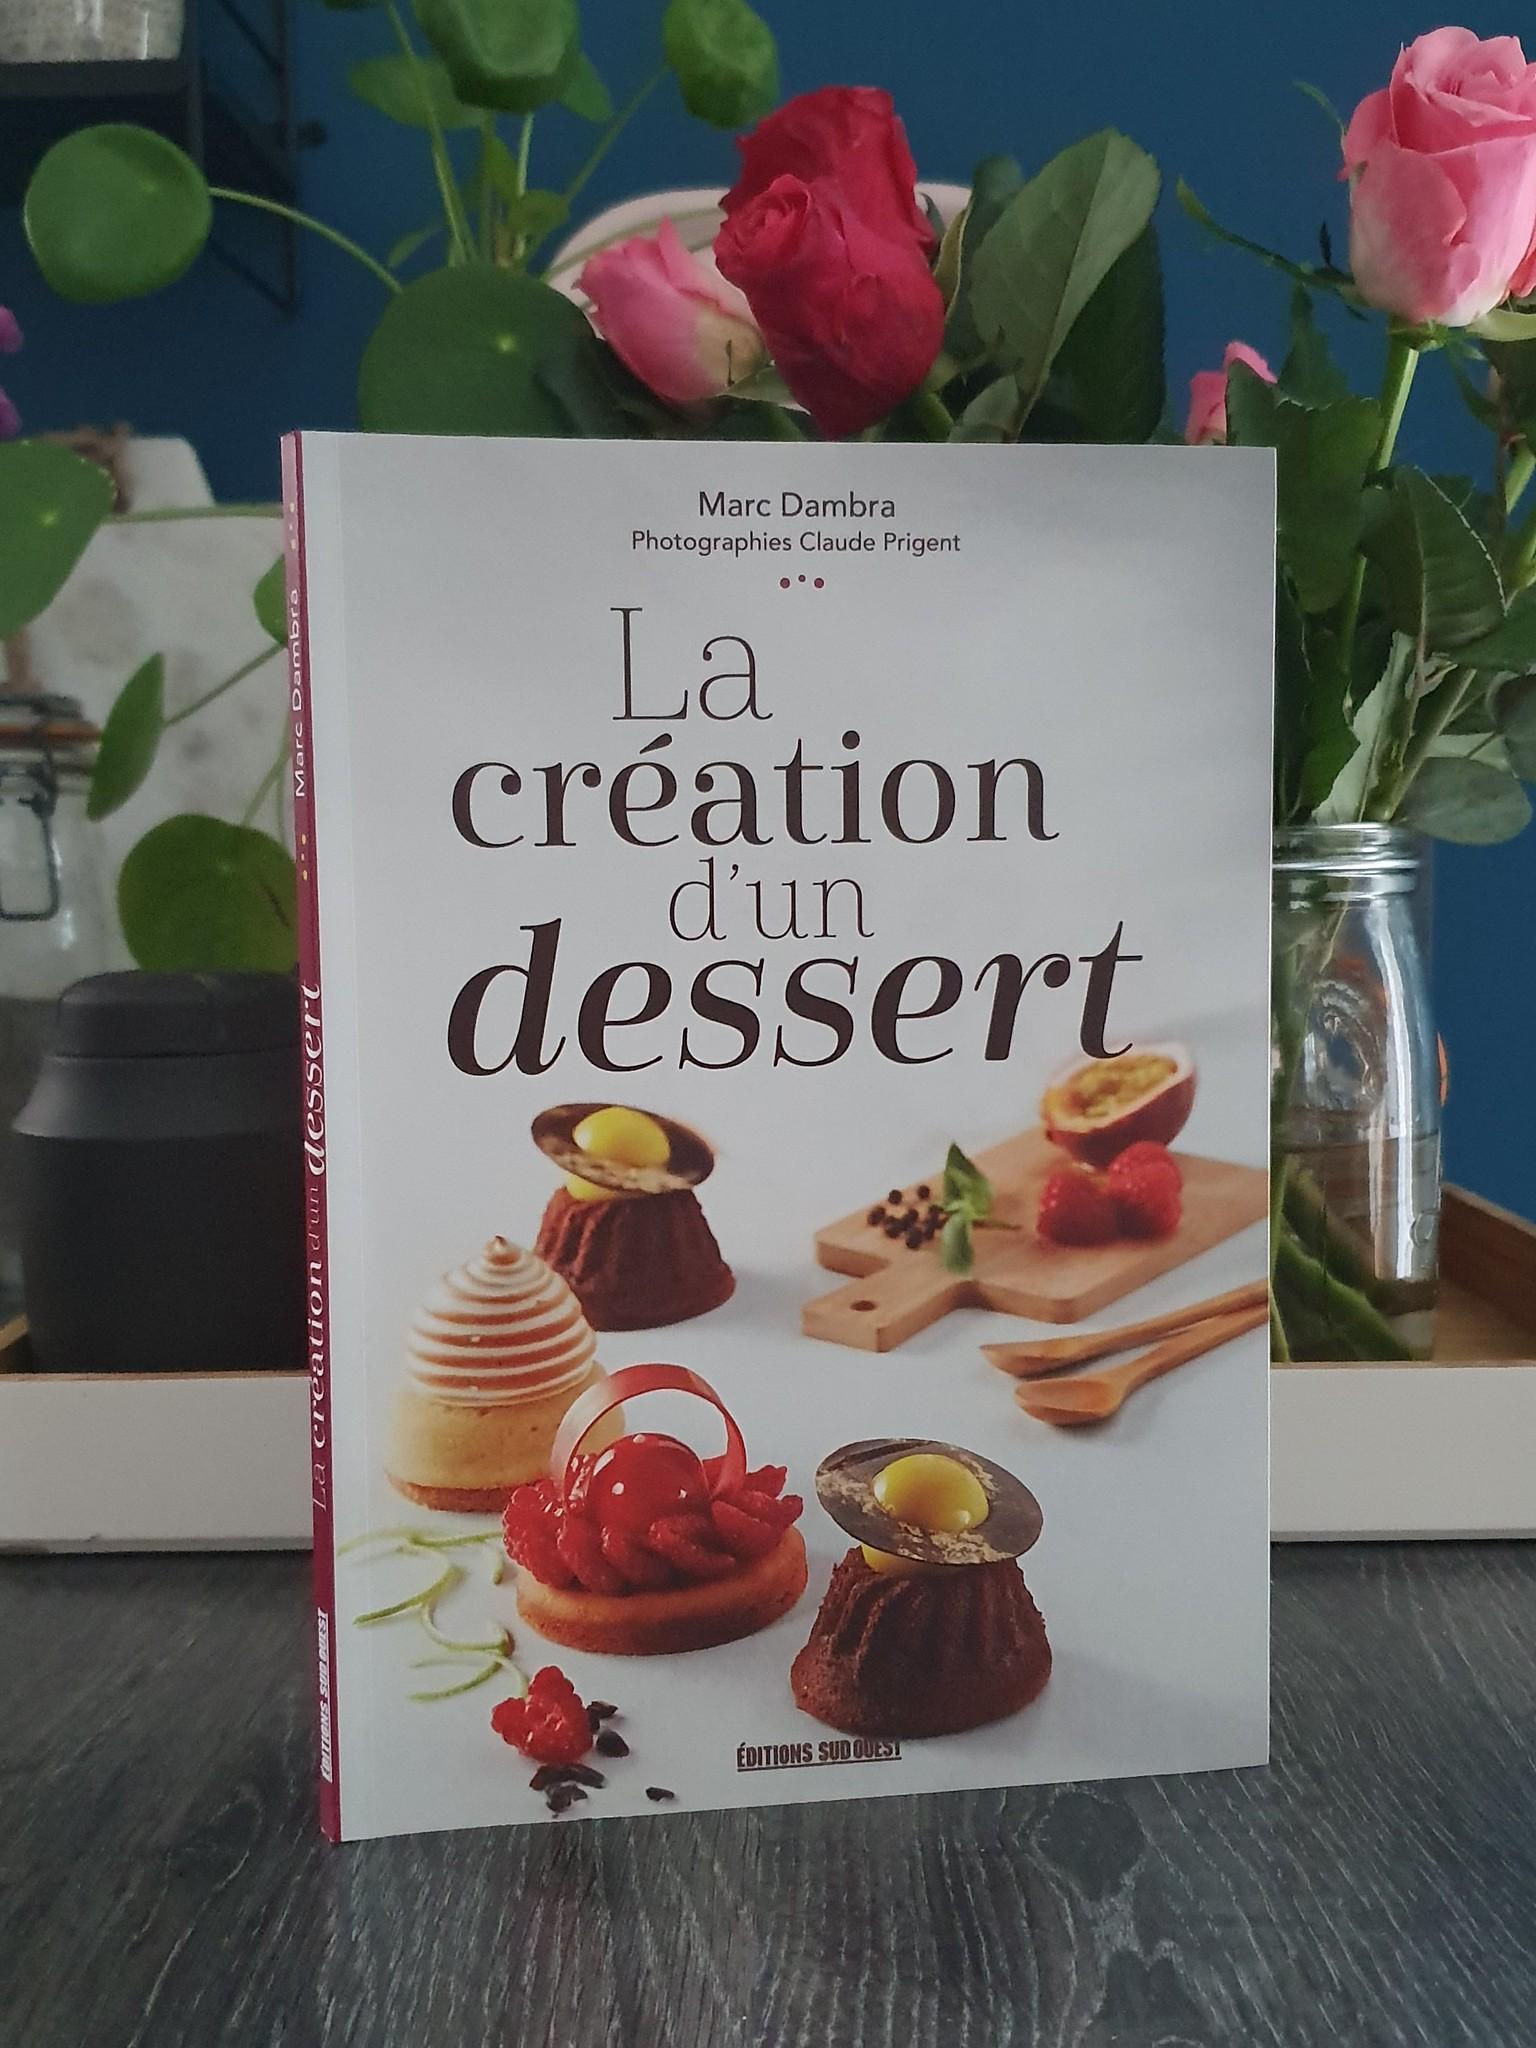 La Création d'un dessert, Marc Dambra